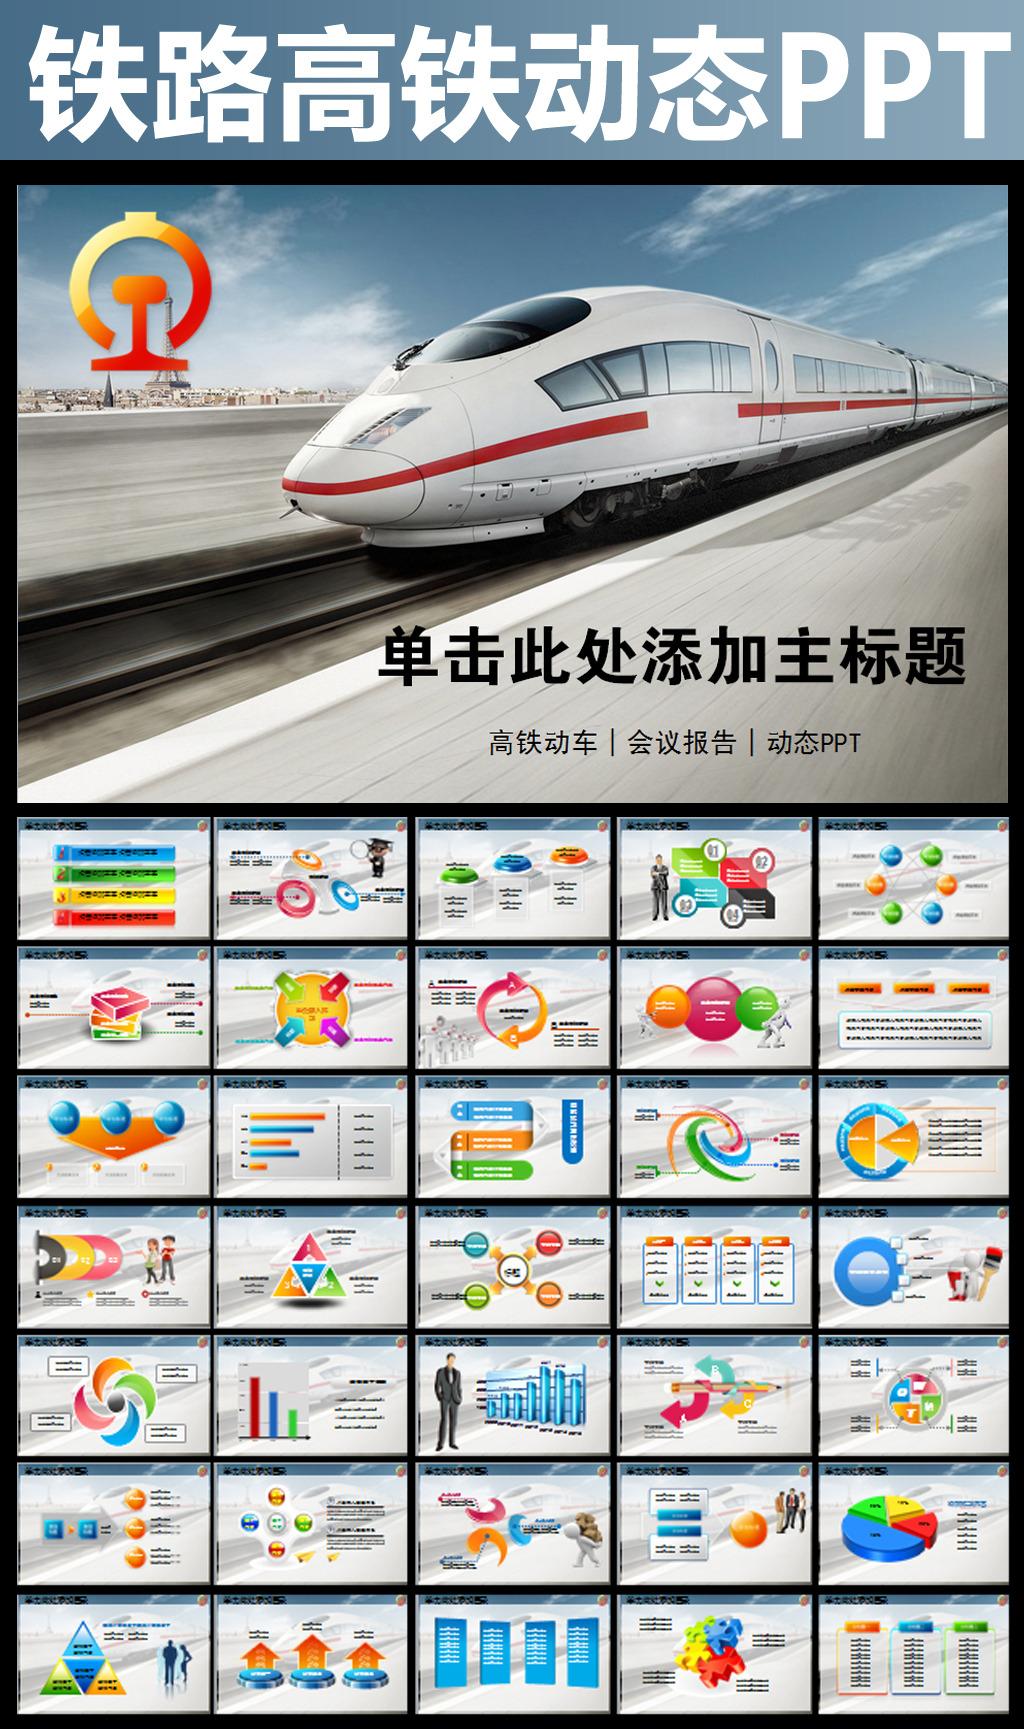 动车高铁火车铁路发展动态幻灯片PPT图表模板下载 11796201 综合